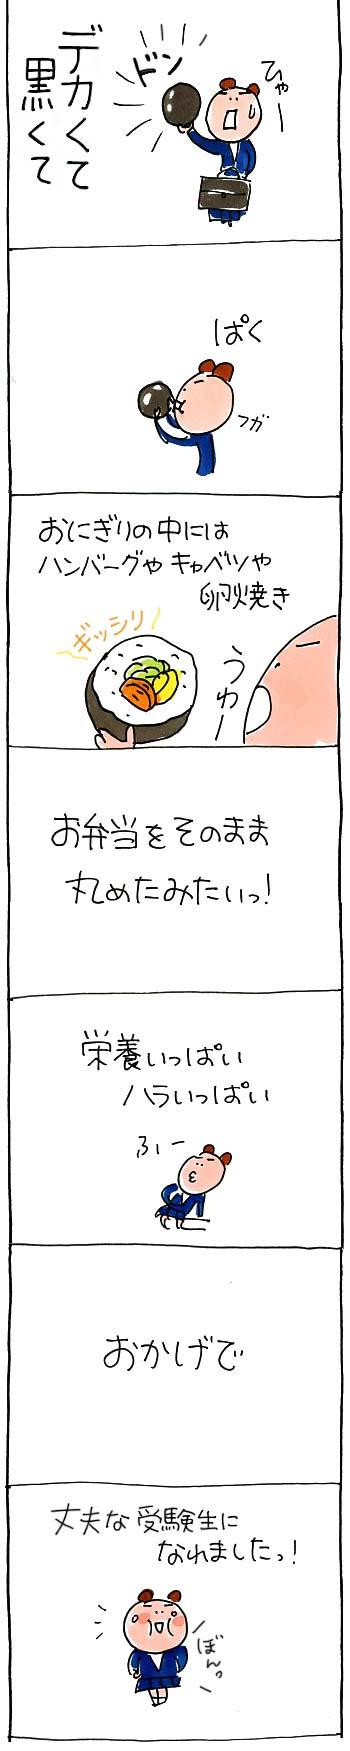 マンモスおむすび2